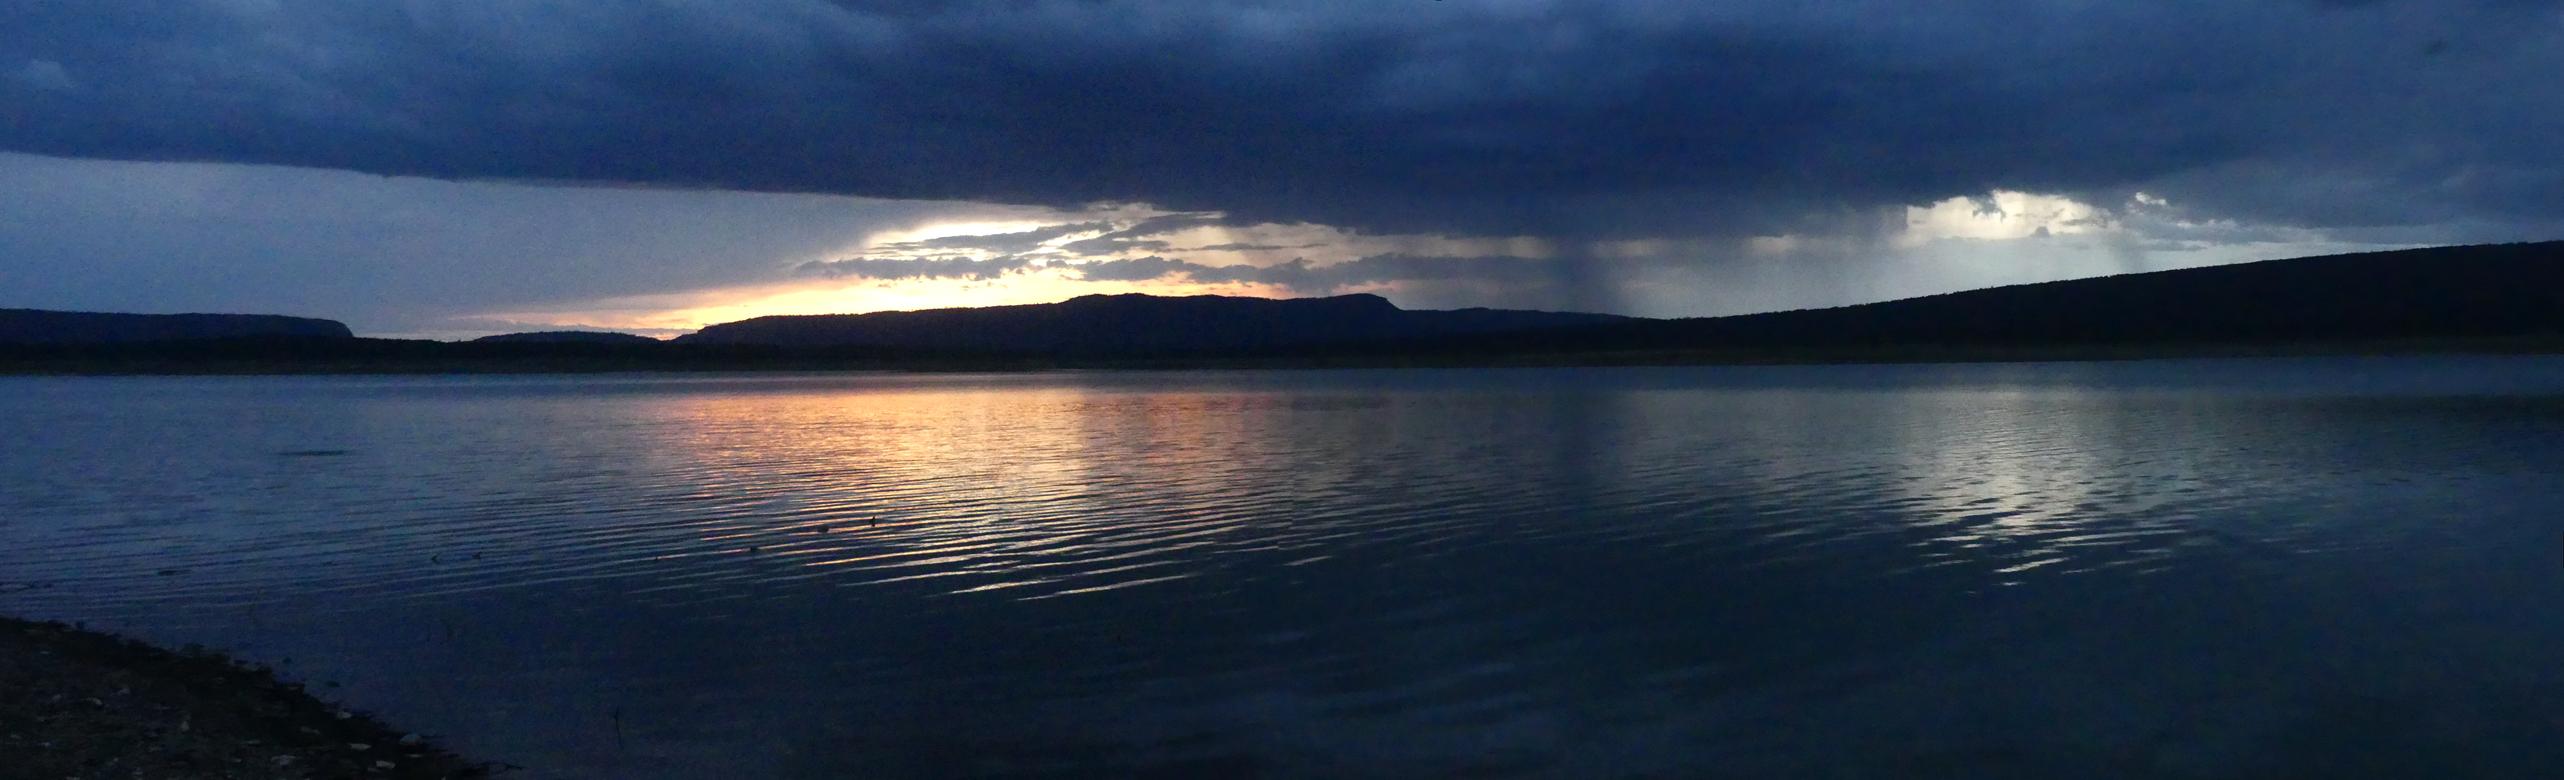 Heron Lake at sunset